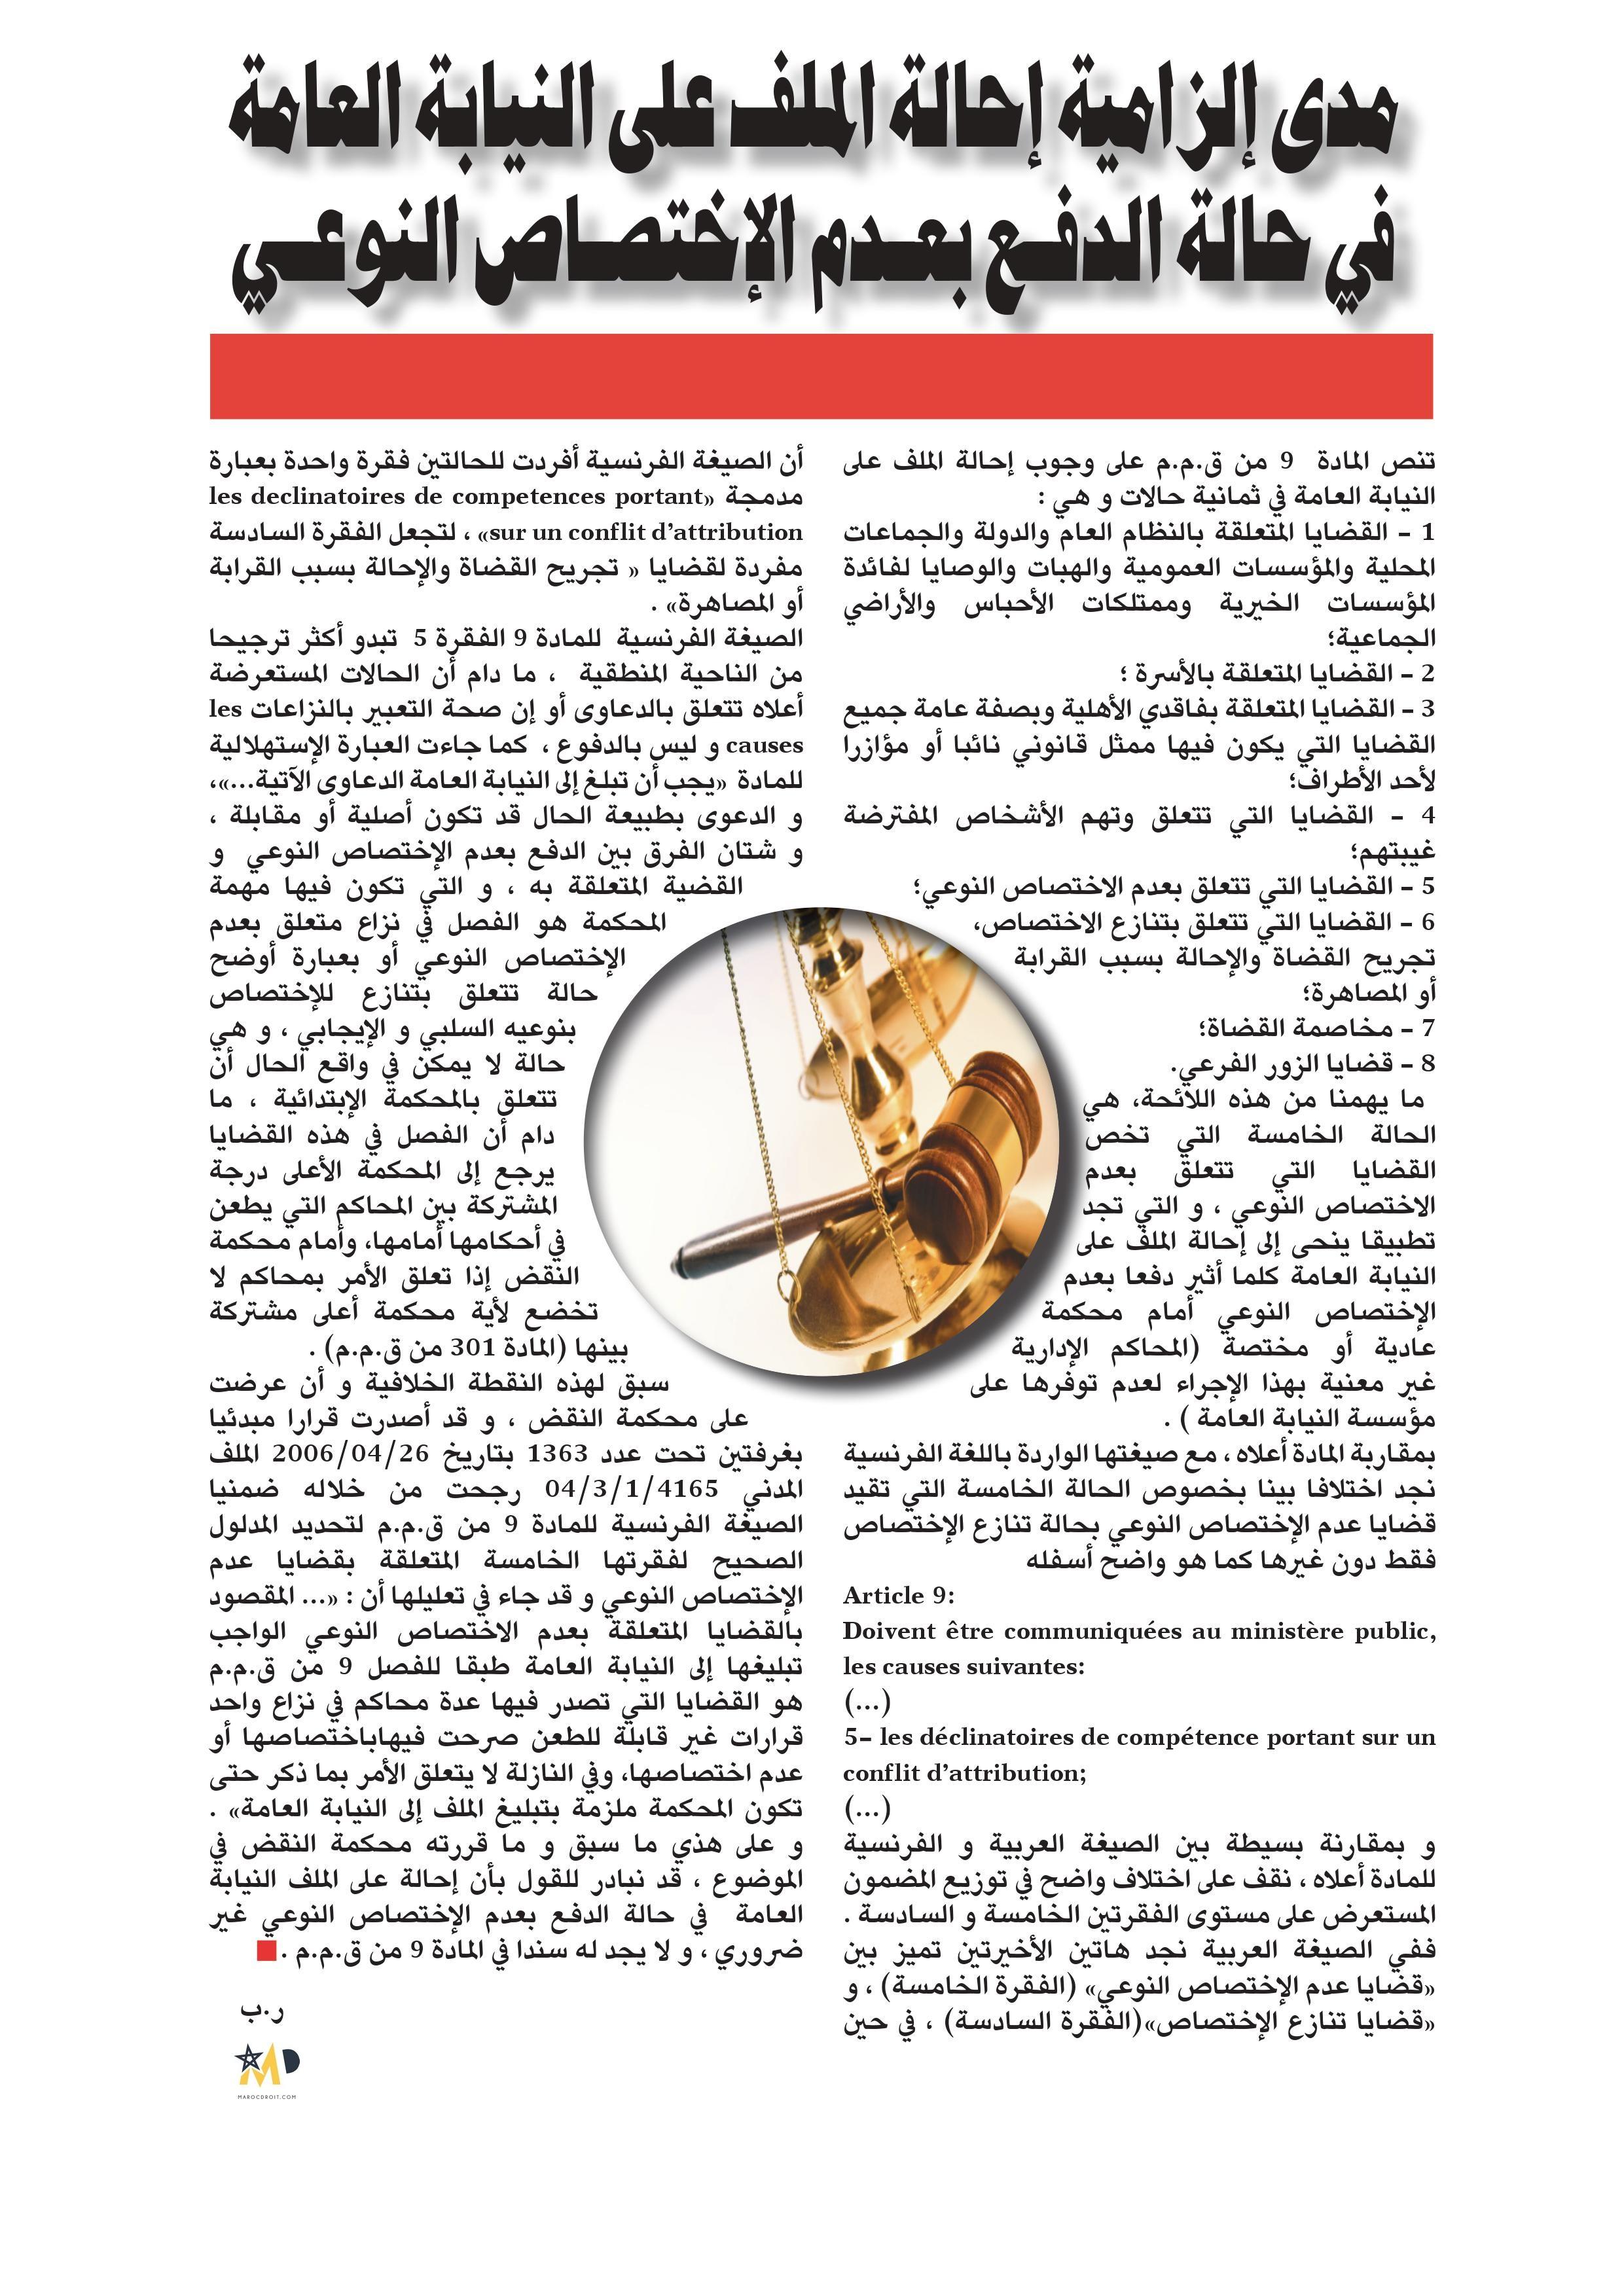 مدى إلزامية إحالة الملف على النيابة العامة في حالة الدفع بعدم الإختصاص النوعي  بقلم ذ/ رضى بلحسين